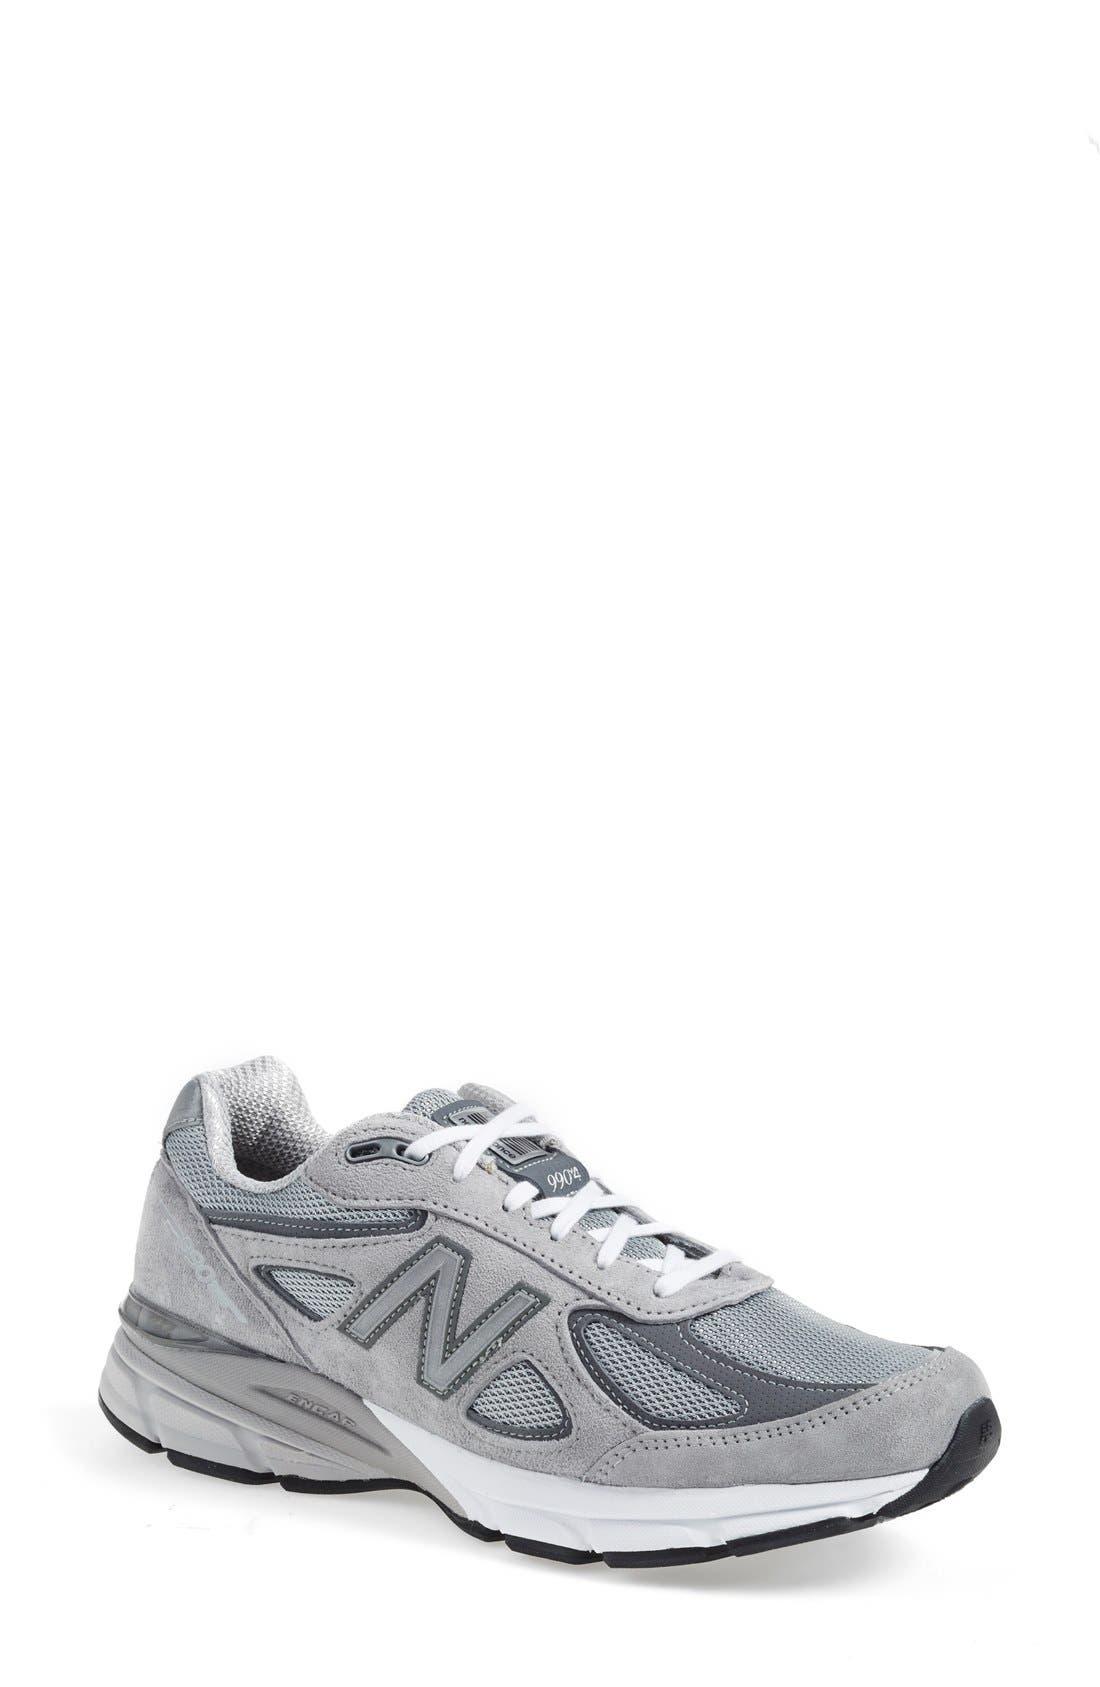 New Balance '990' Running Shoe ...